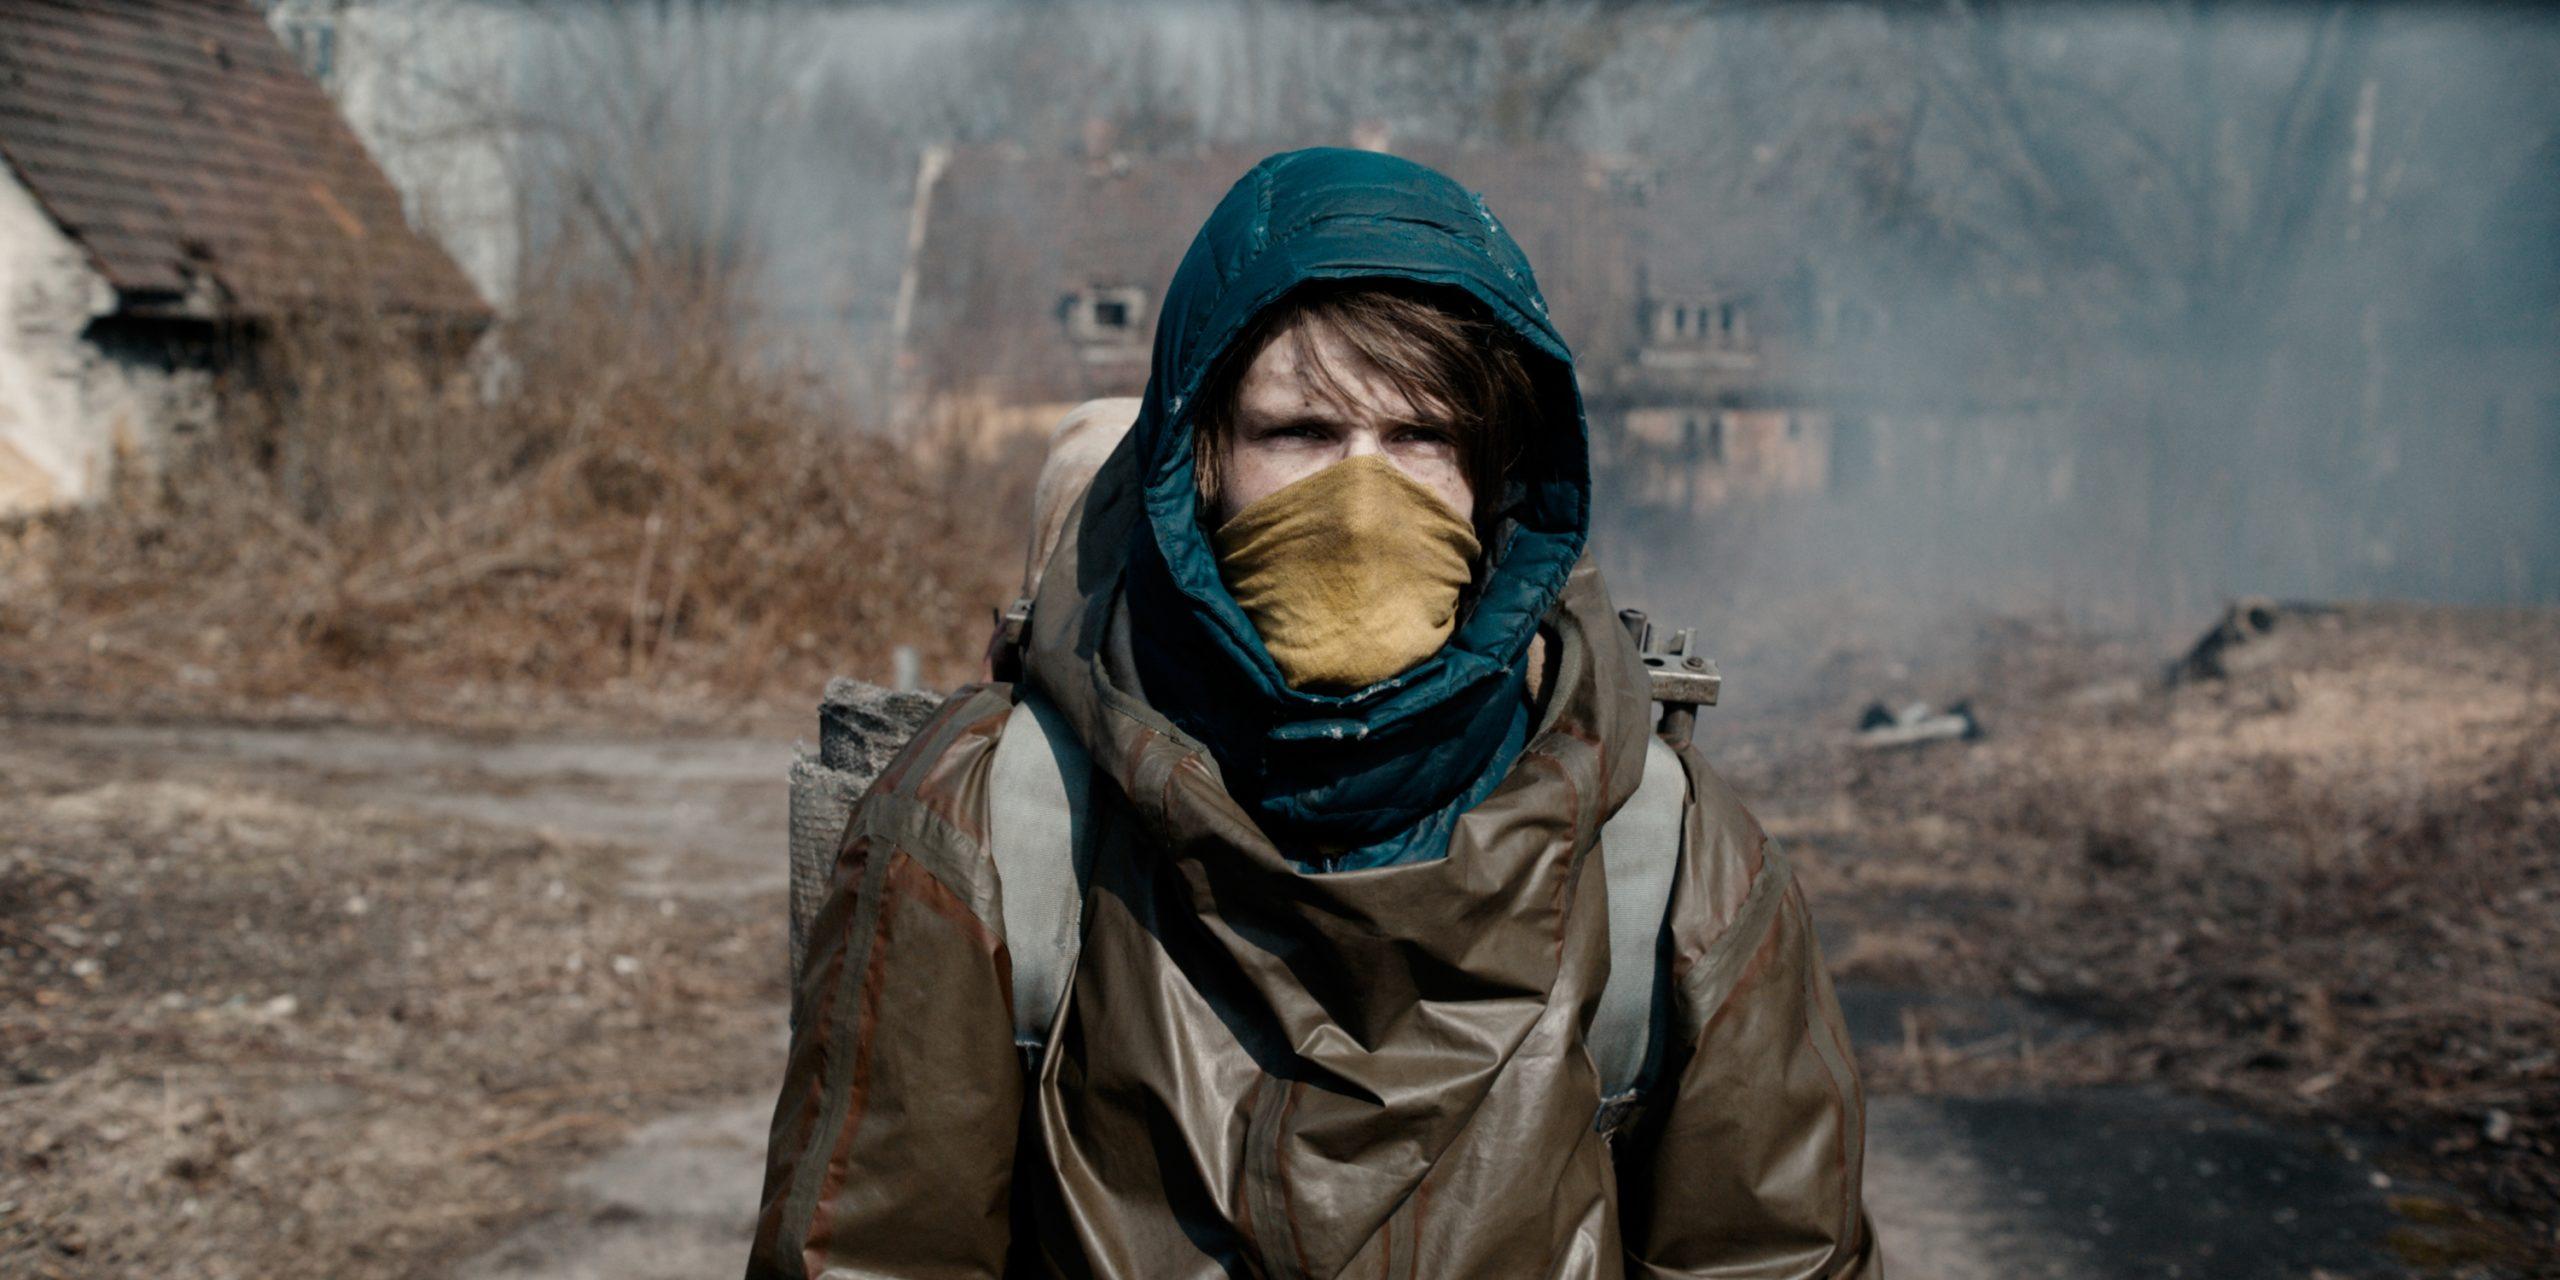 Dark revela tráiler de segunda temporada y fecha de estreno en Netflix